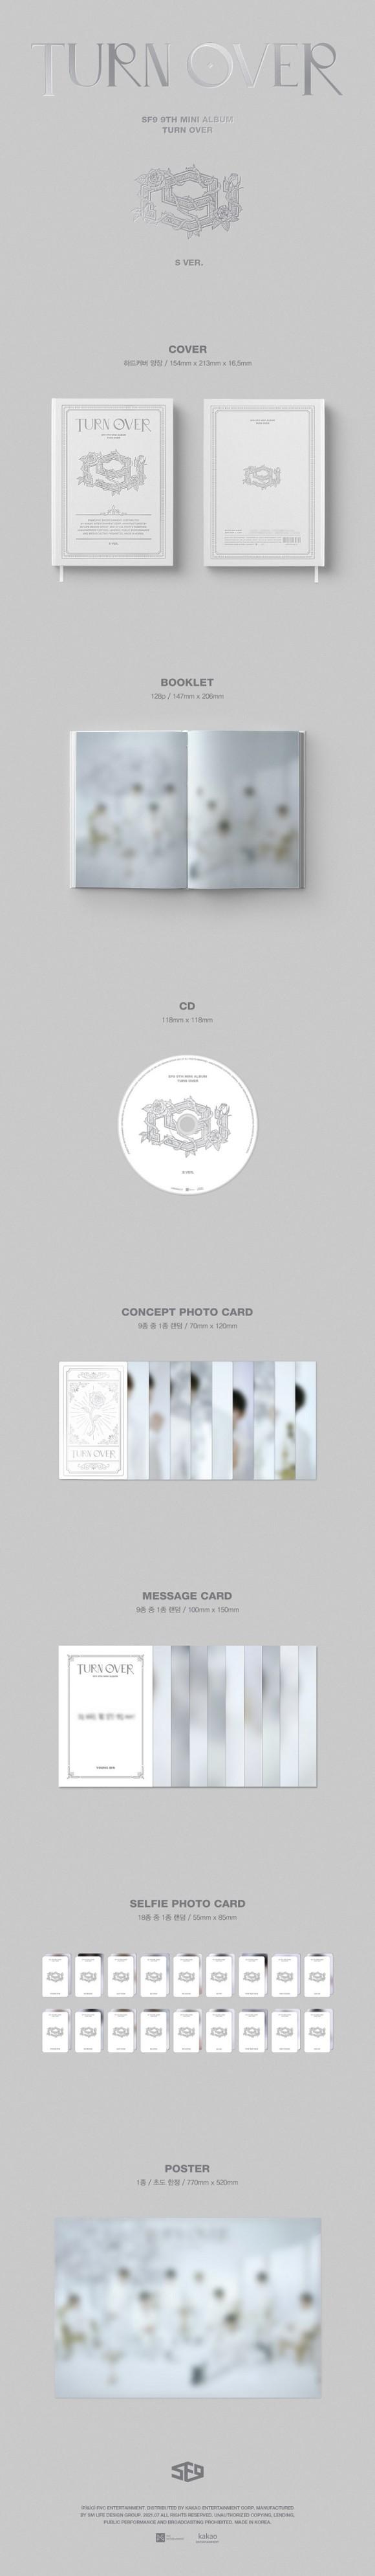 SF9 韓国9枚目のミニアルバム『TURN OVER』